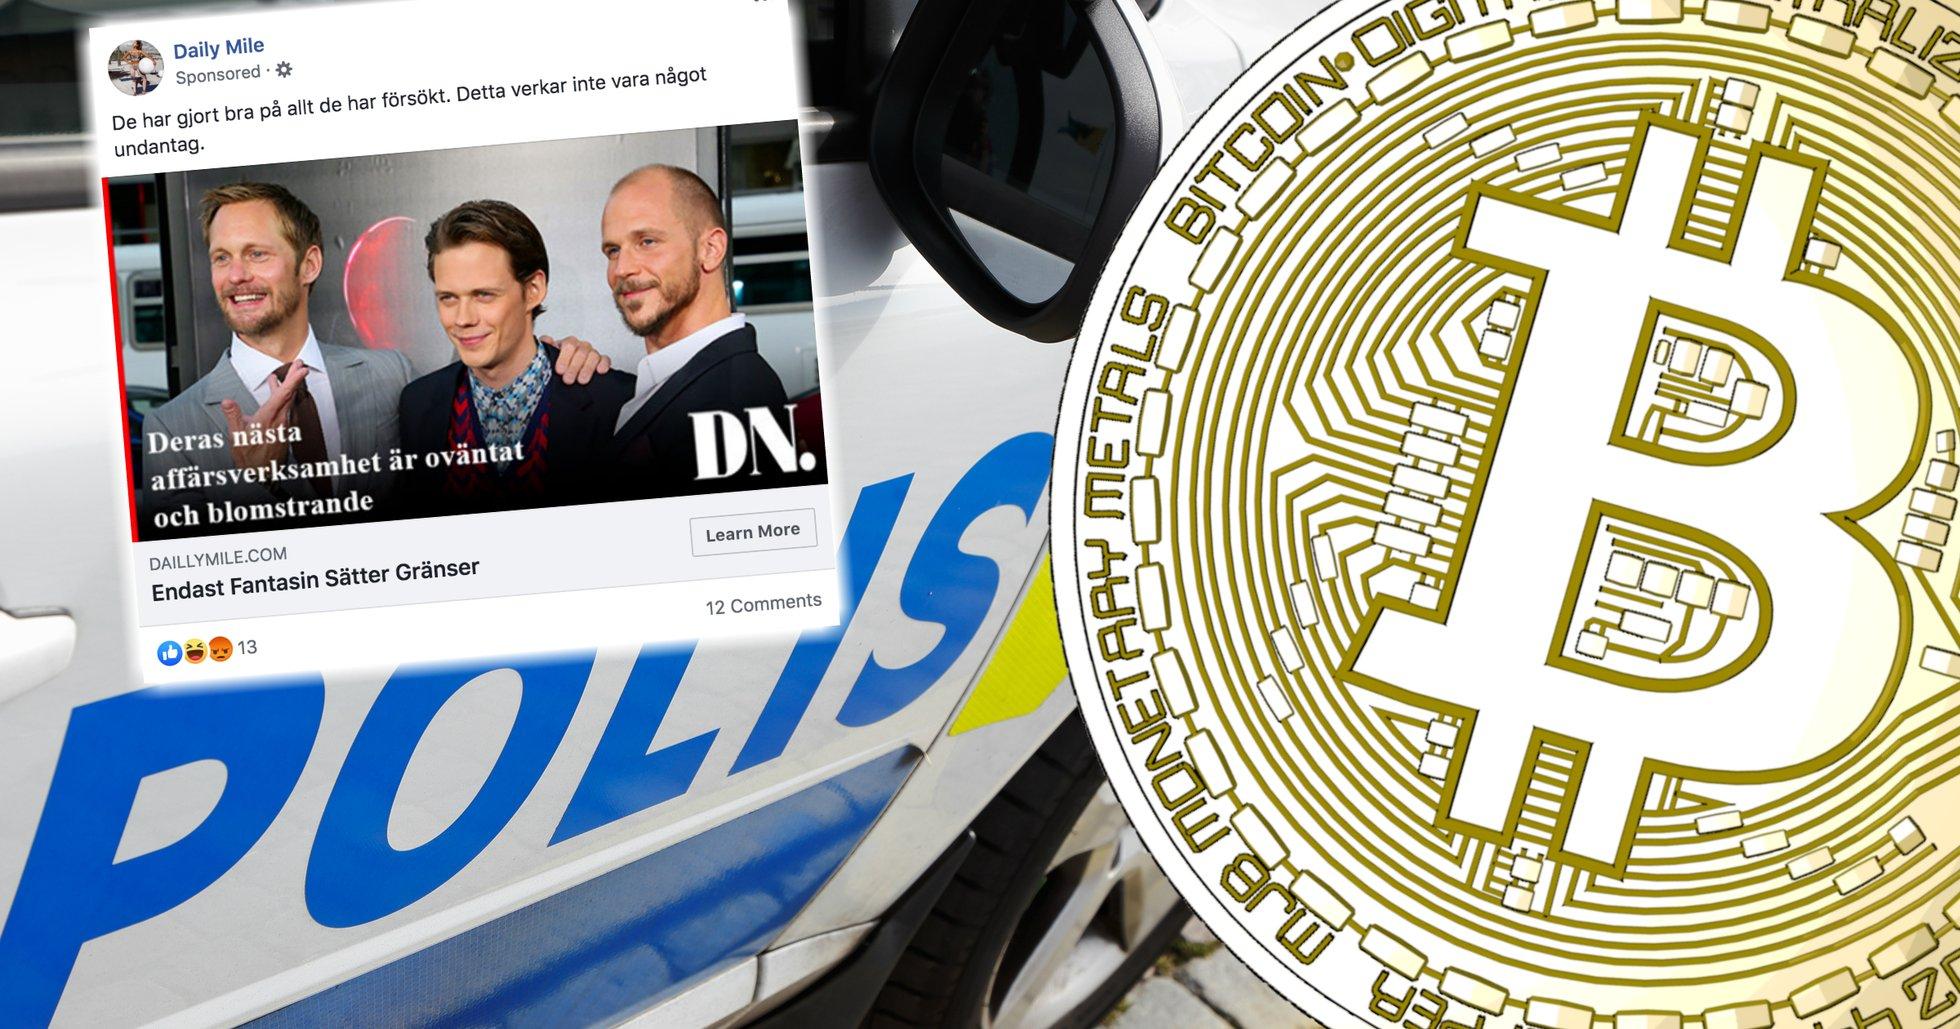 Hundratals anmälningar om bitcoinbedrägerier varje månad – polisen har inte löst ett enda fall.